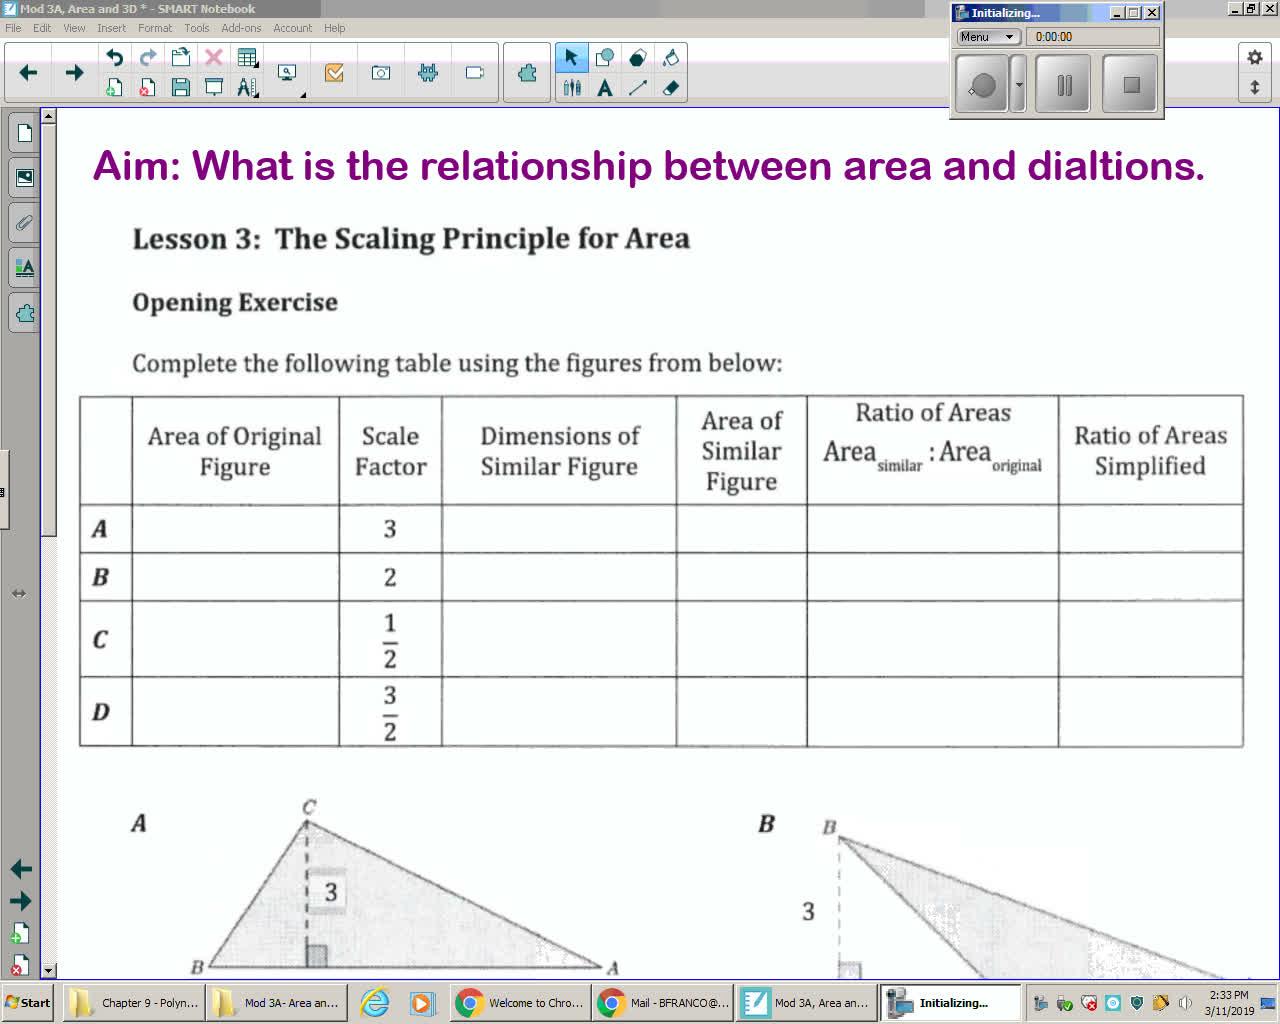 Mod 3A Lesson 3